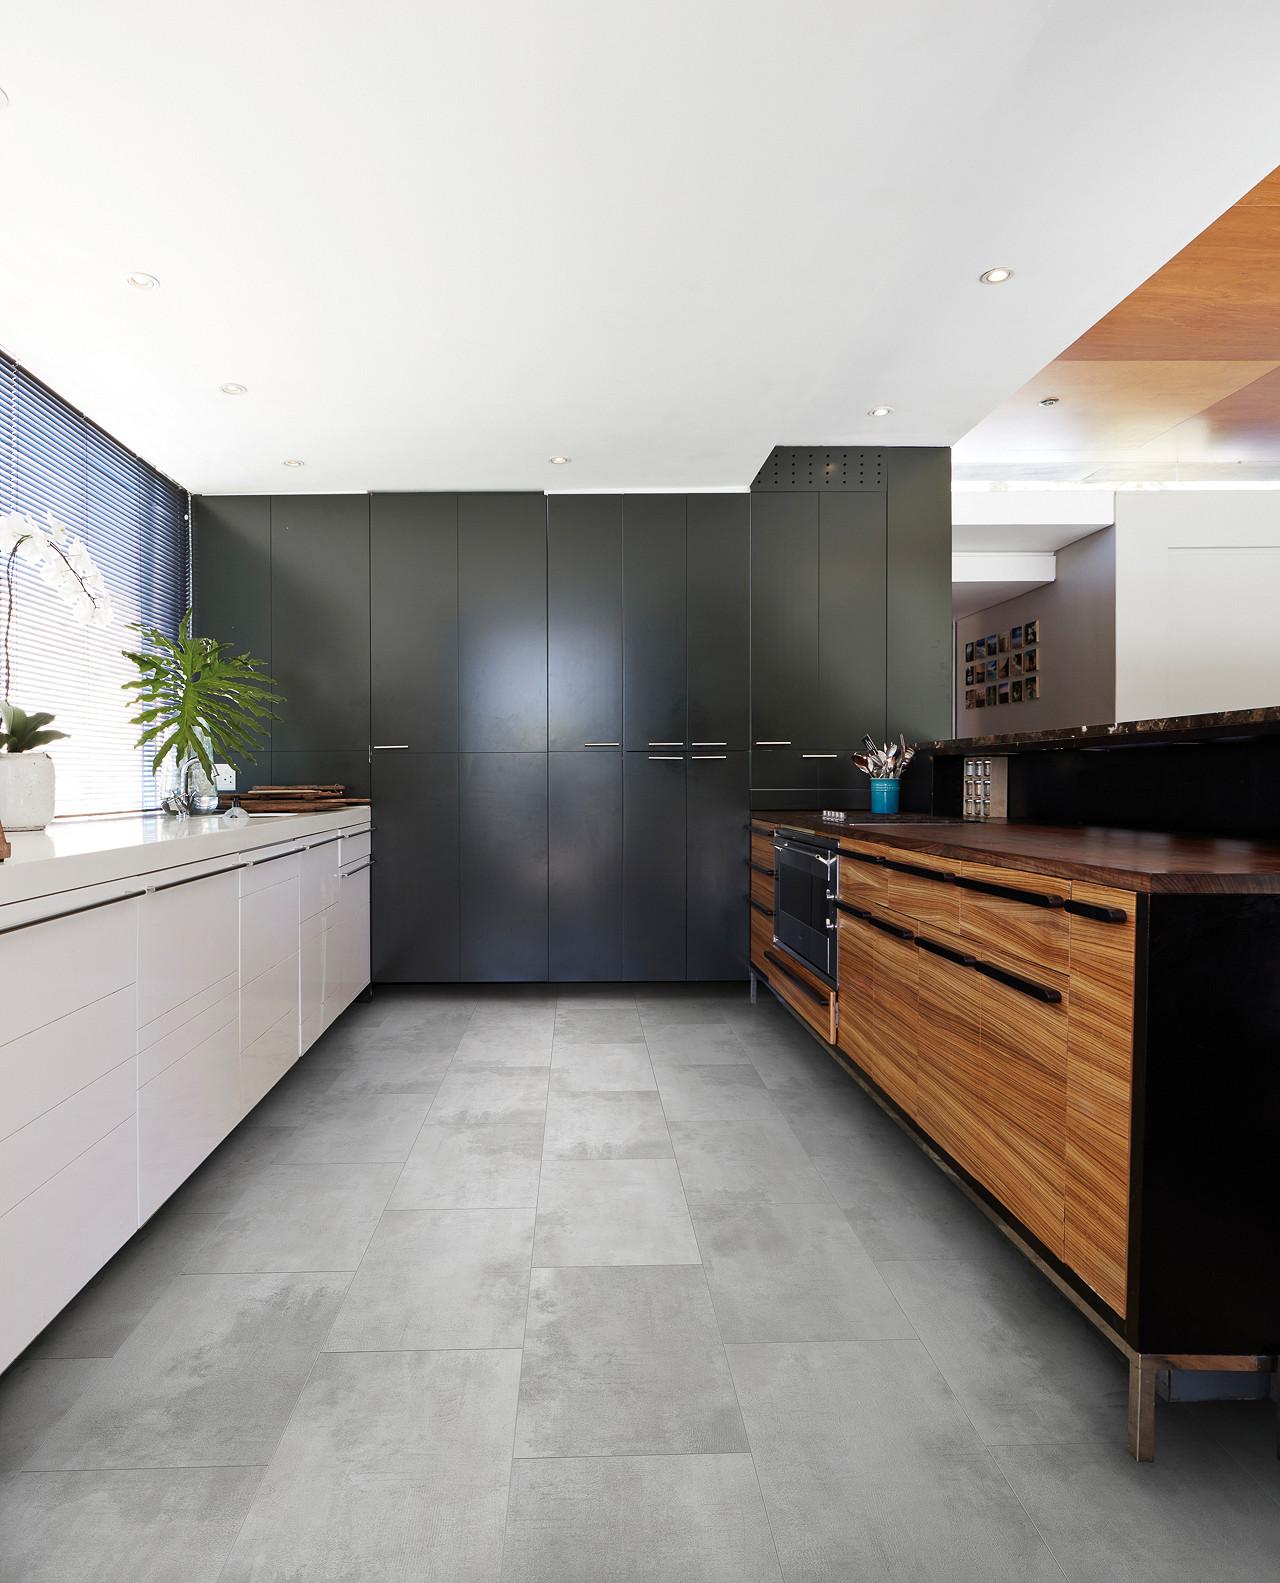 panele podłogowe winylowe w kuchni